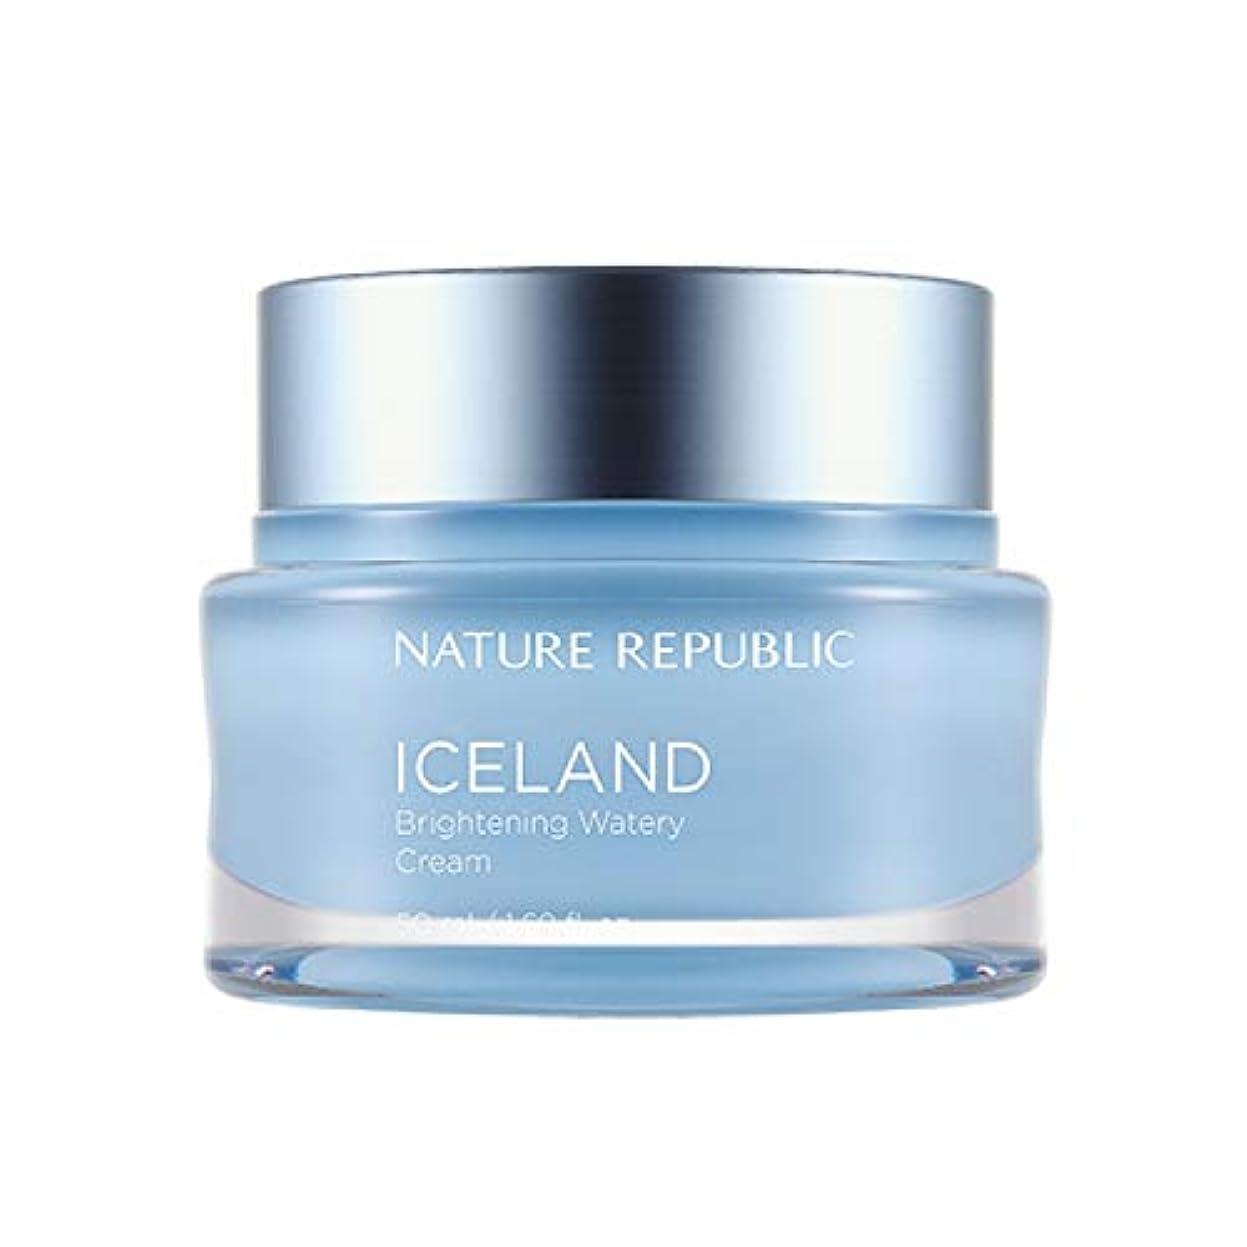 読書学者画家ネイチャーリパブリック(Nature Republic)アイスブライトニング水分クリーム 50ml / Iceland Brightening Watery Cream 50ml :: 韓国コスメ [並行輸入品]